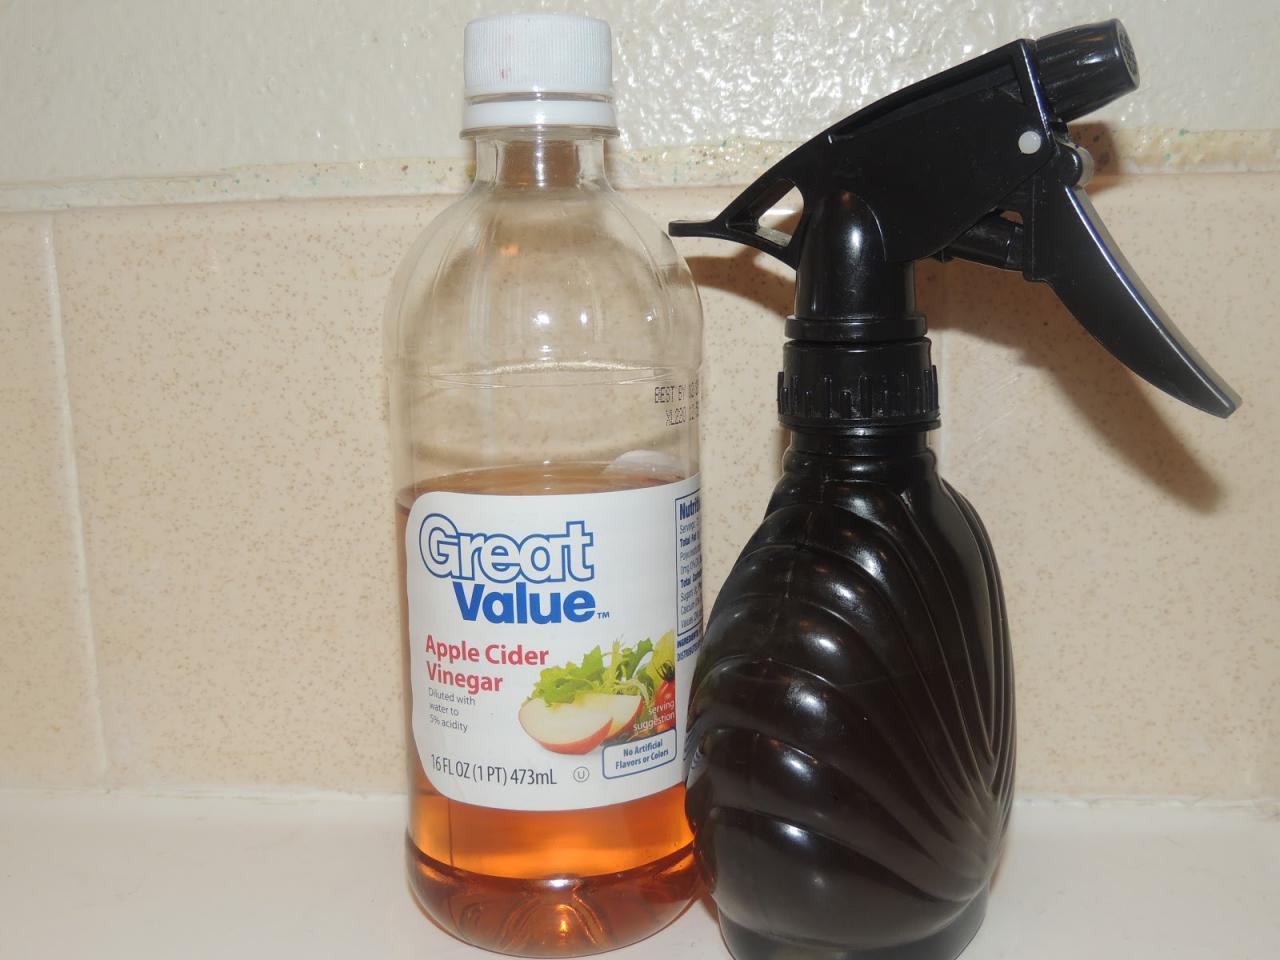 صورة طريقة استخدام خل التفاح للشعر , كيف يتم استخدام خل التفاح ووضعه على الشعر